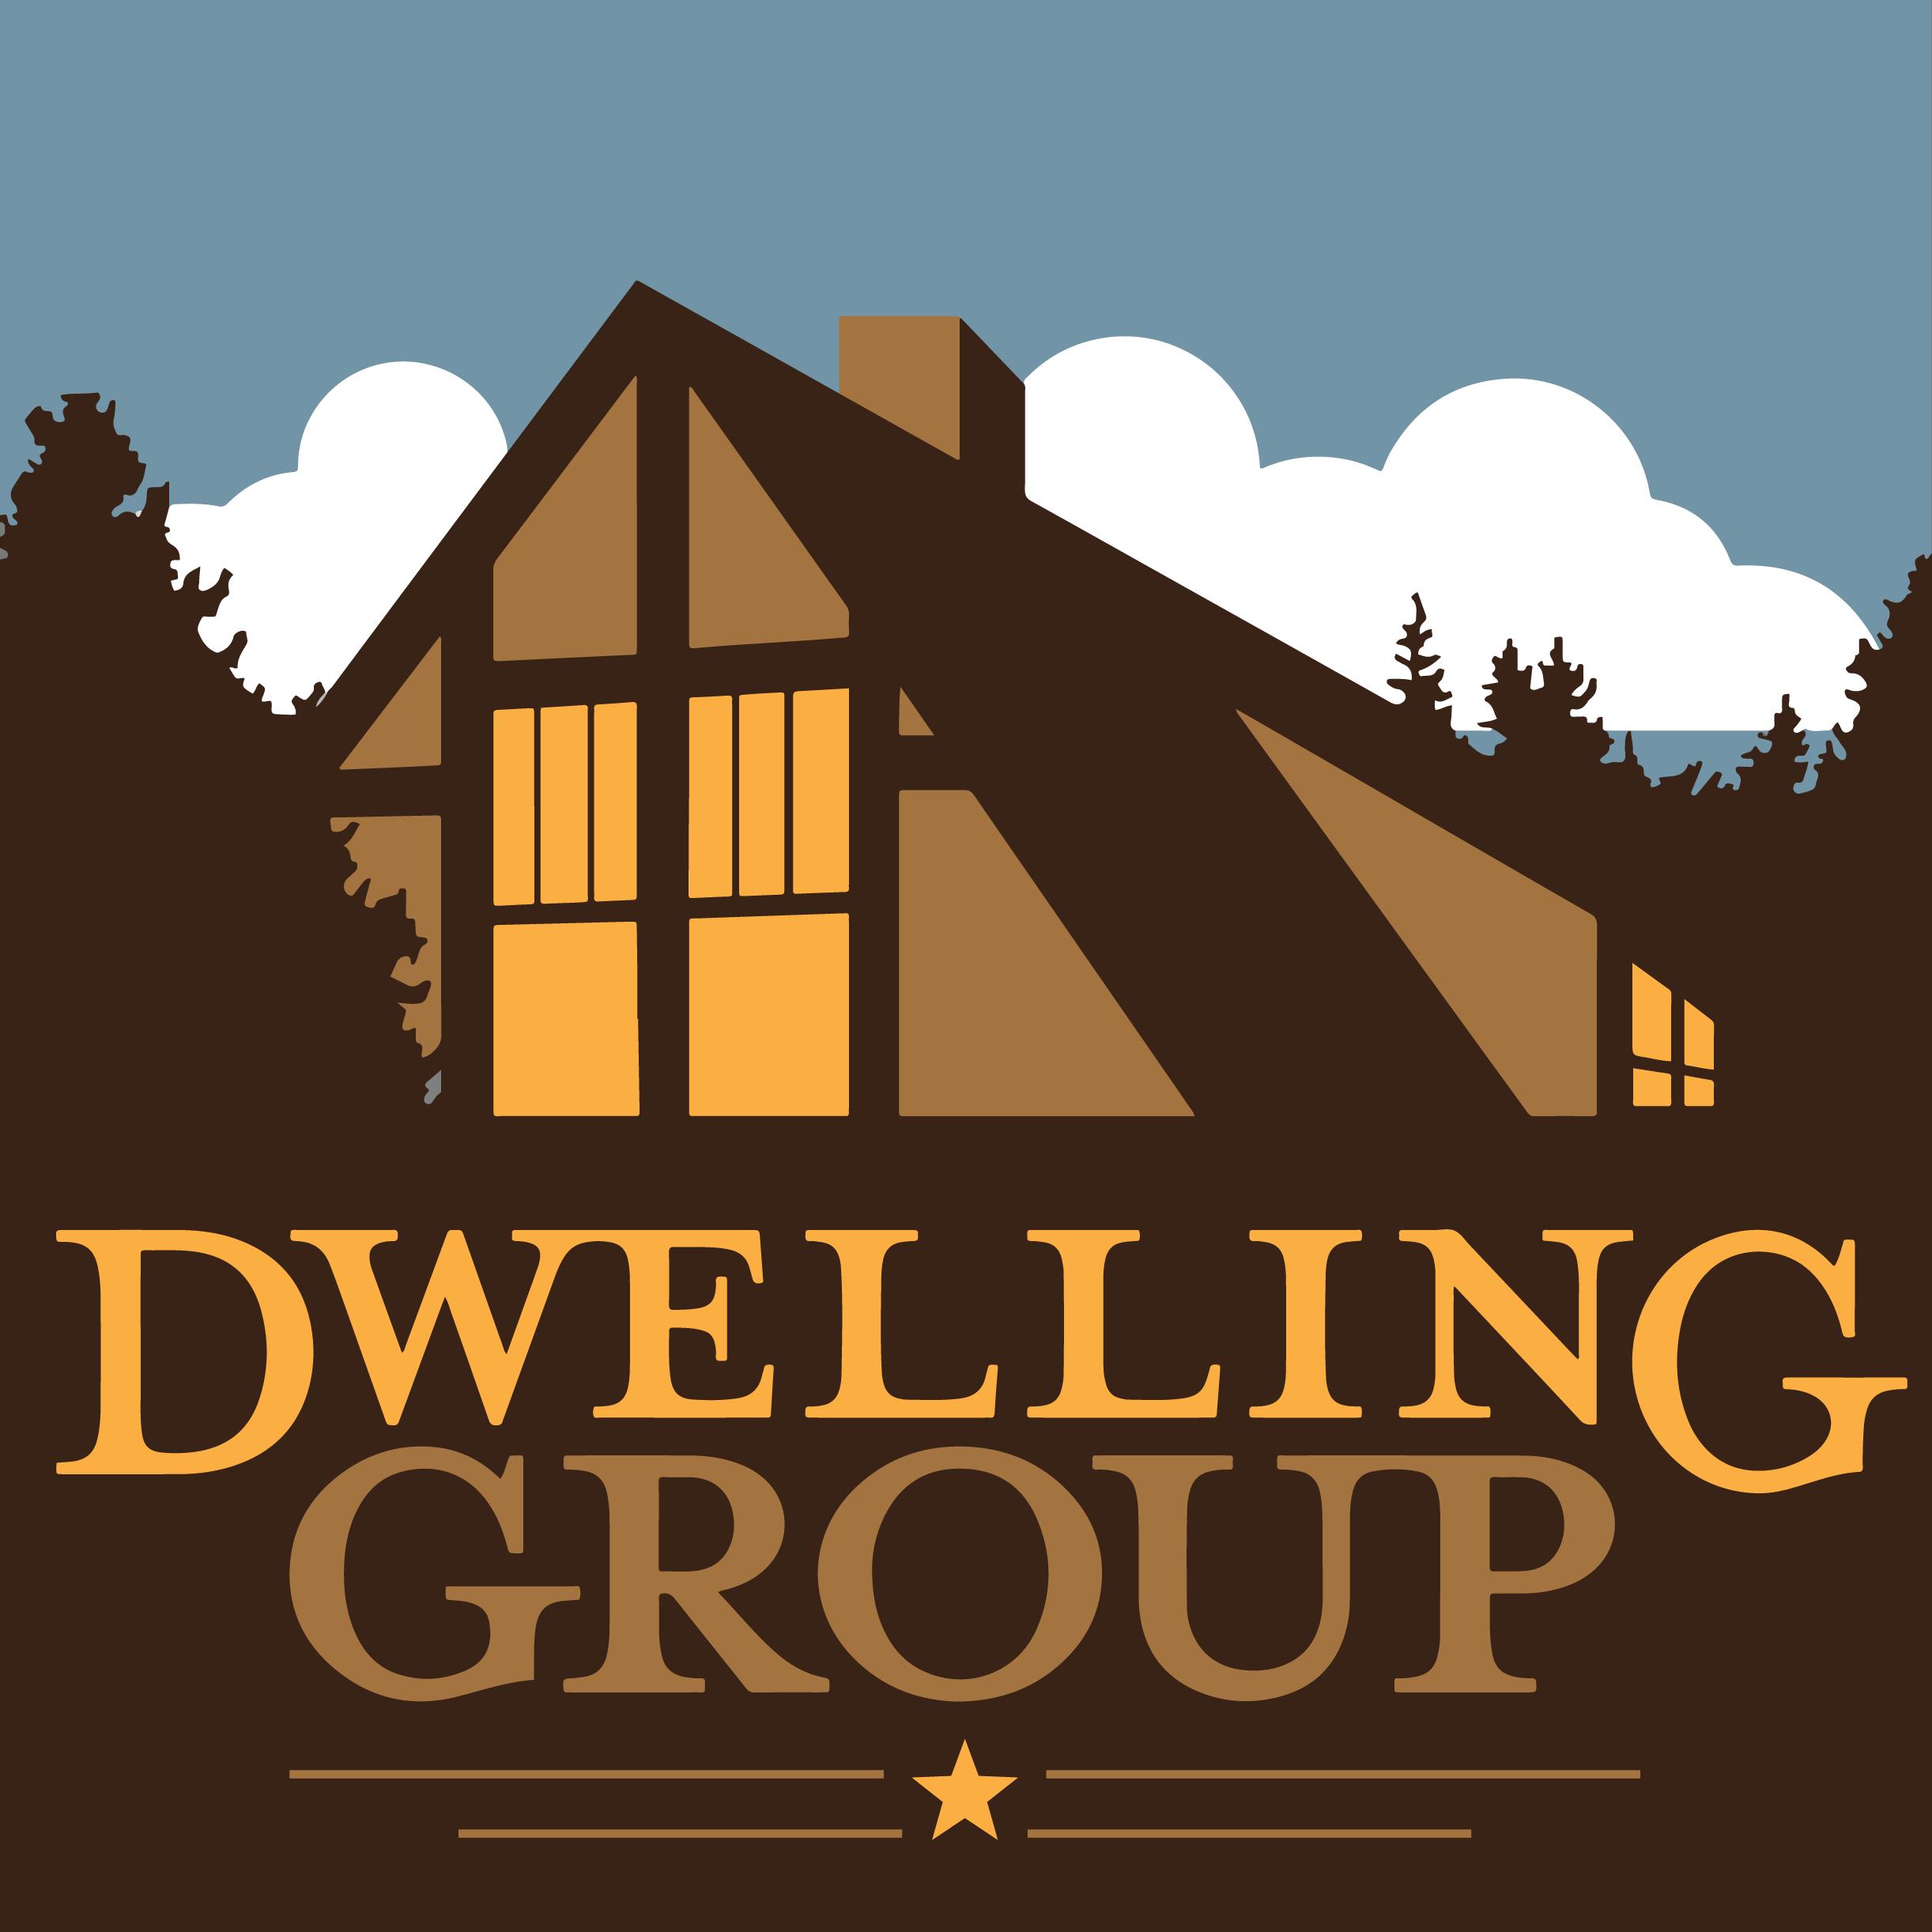 Dwelling Group